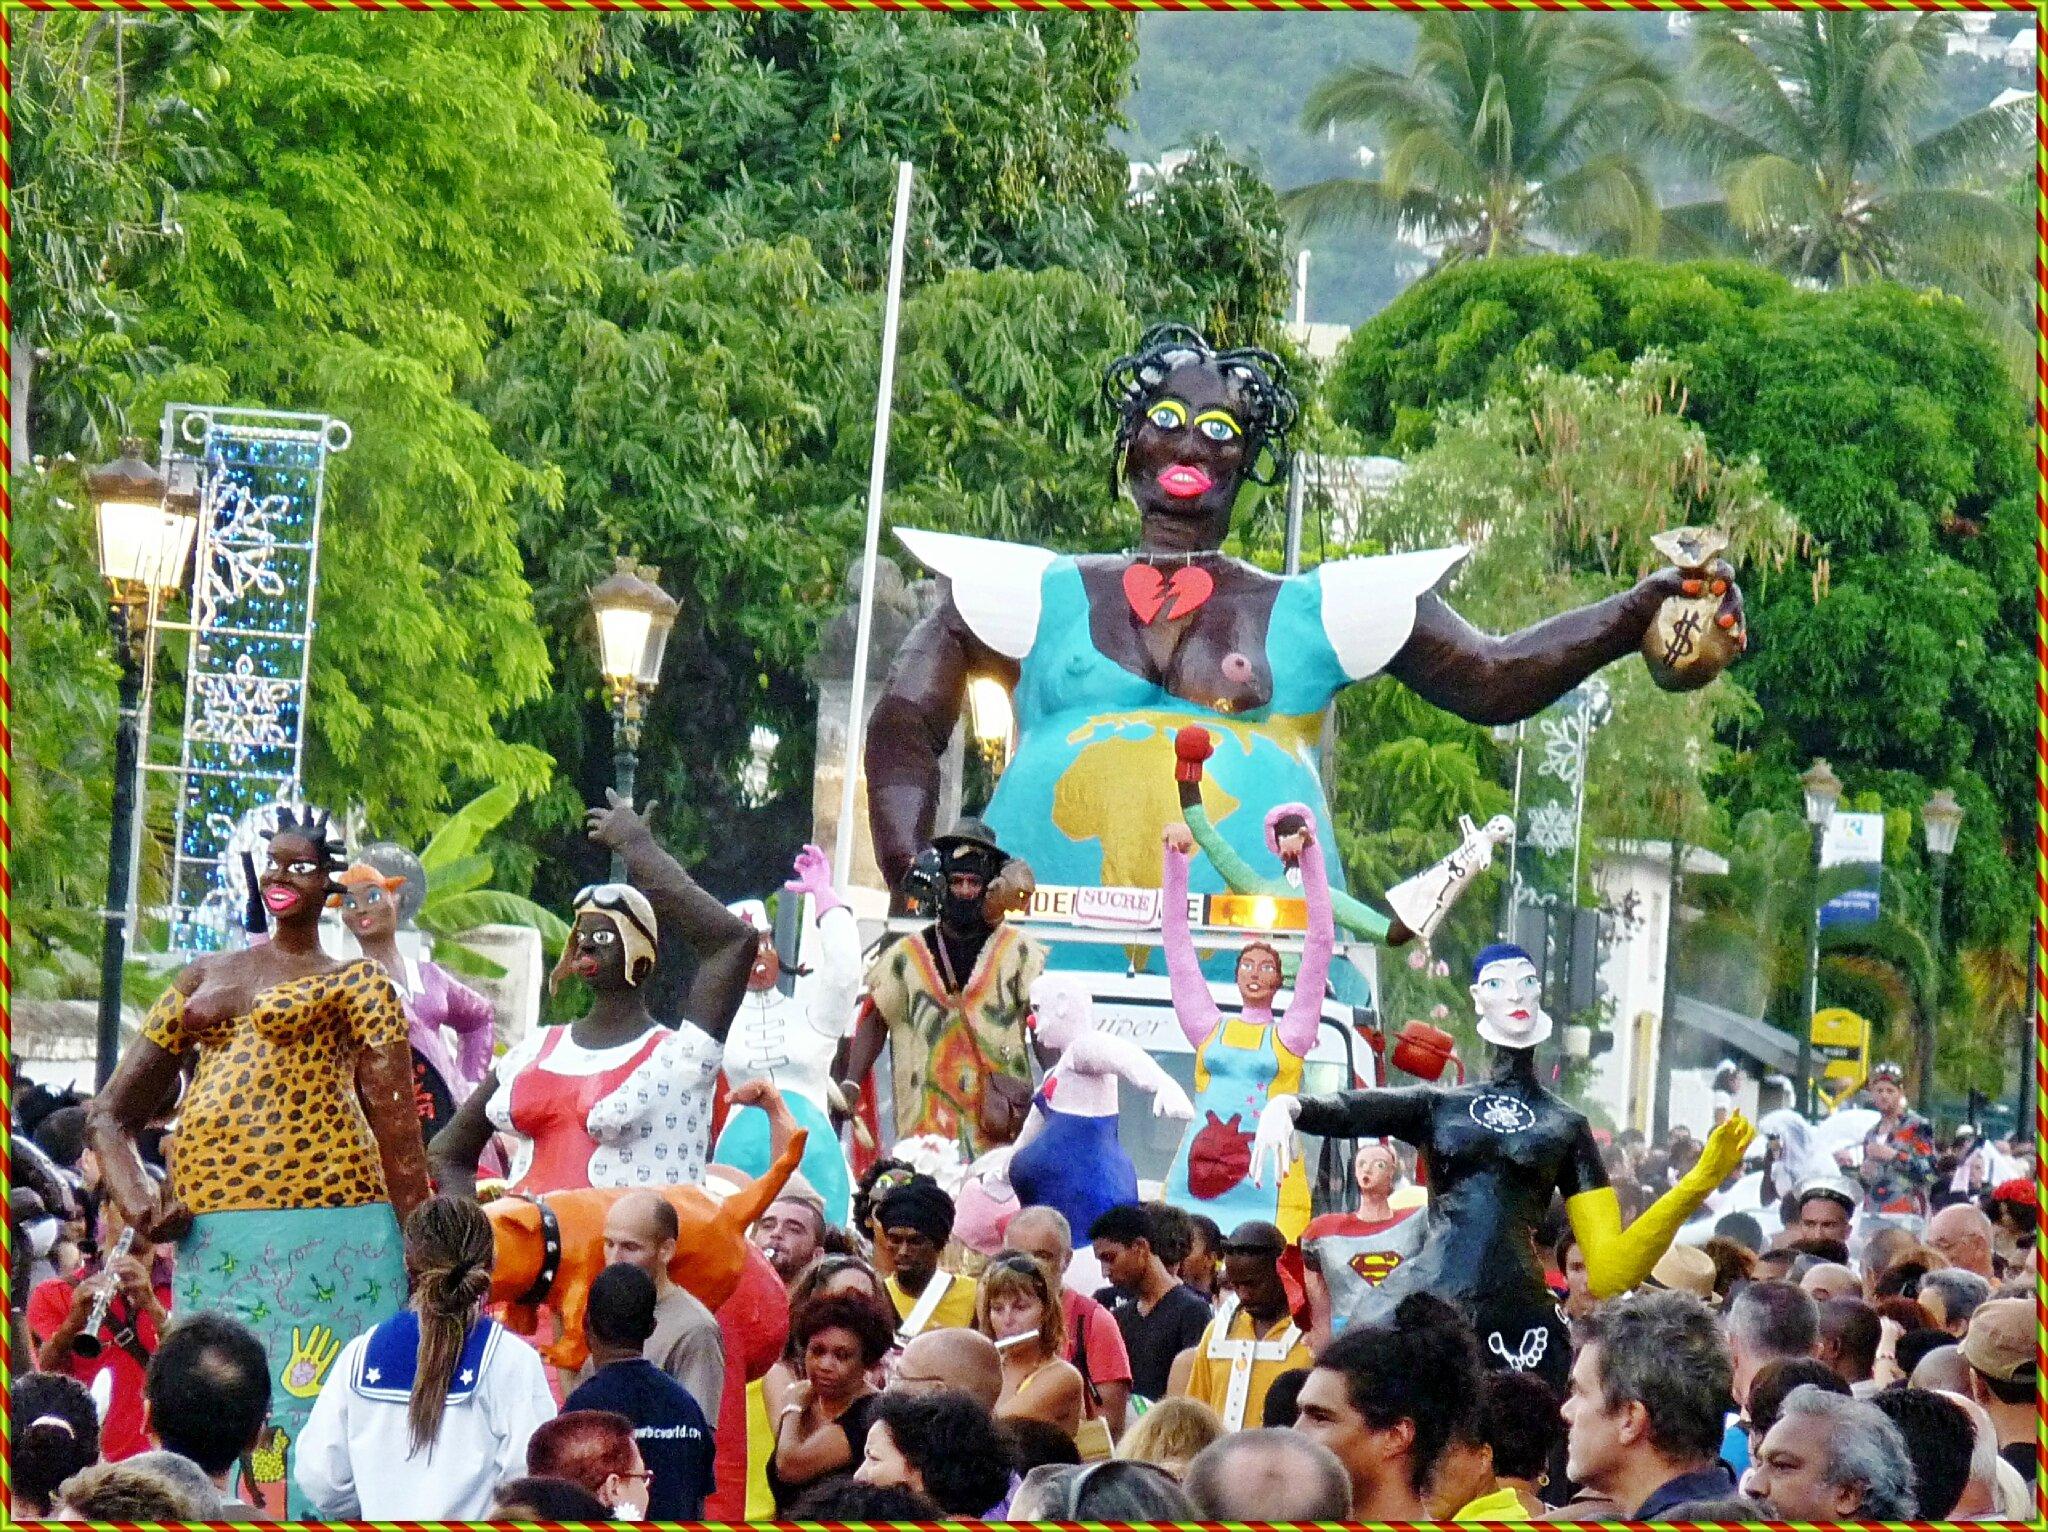 Fête KAF du 20 décembre 2012 à SAINT-DENIS (1/10)